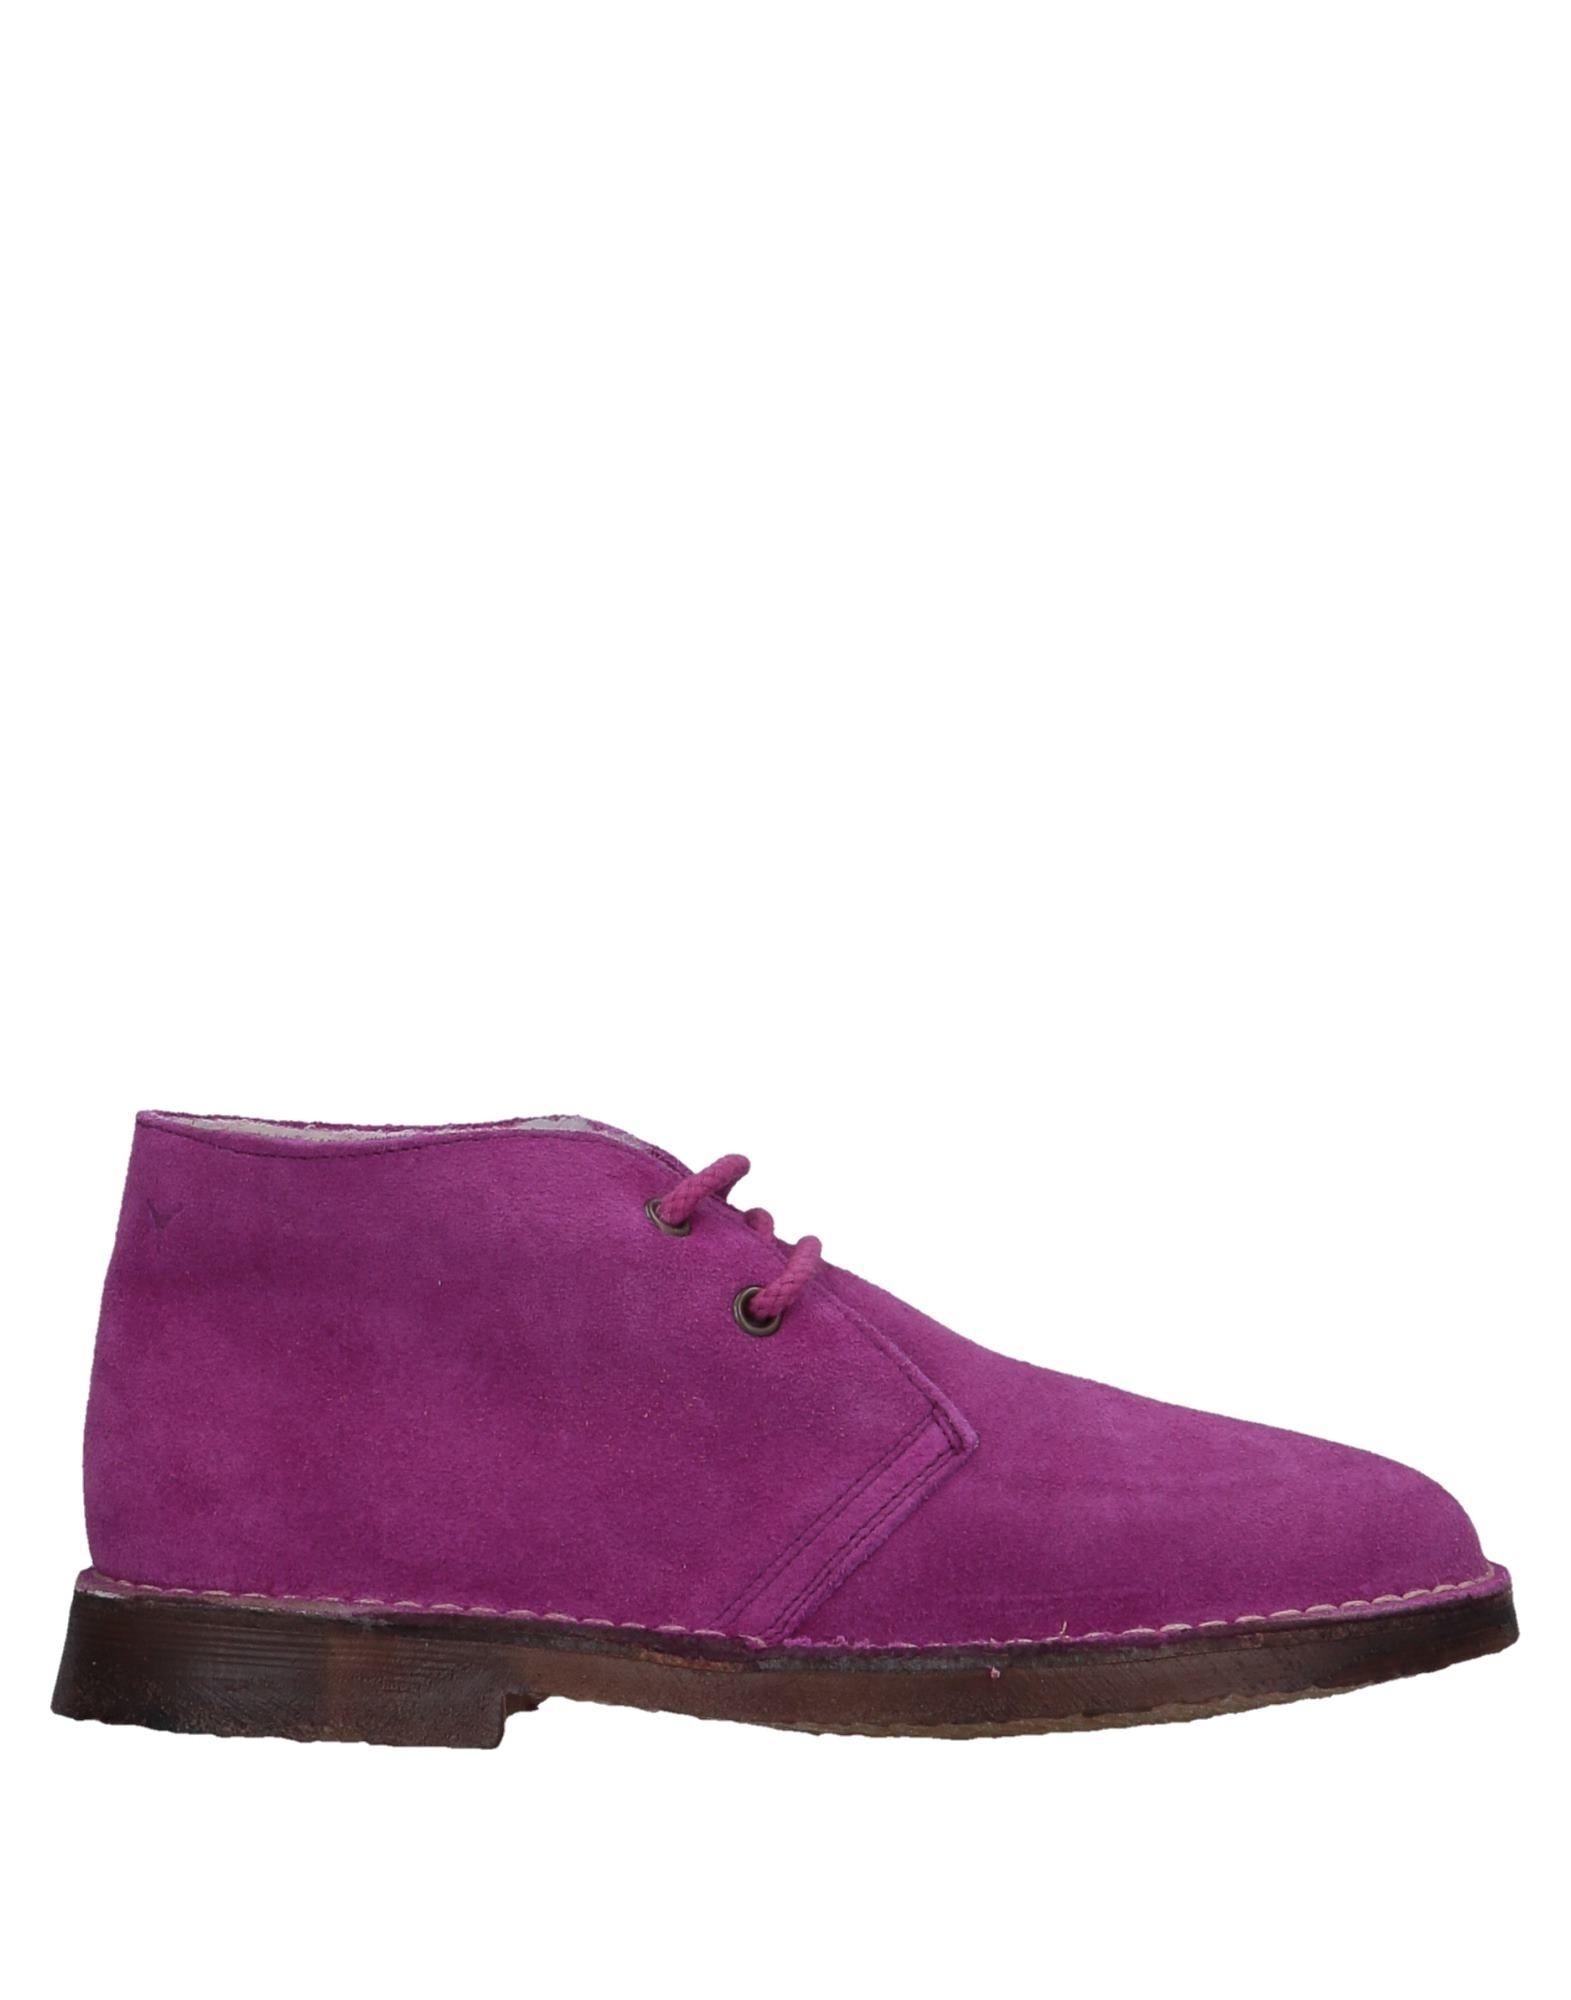 Pregunta Stiefelette Damen beliebte  11521632GI Gute Qualität beliebte Damen Schuhe 3901bf